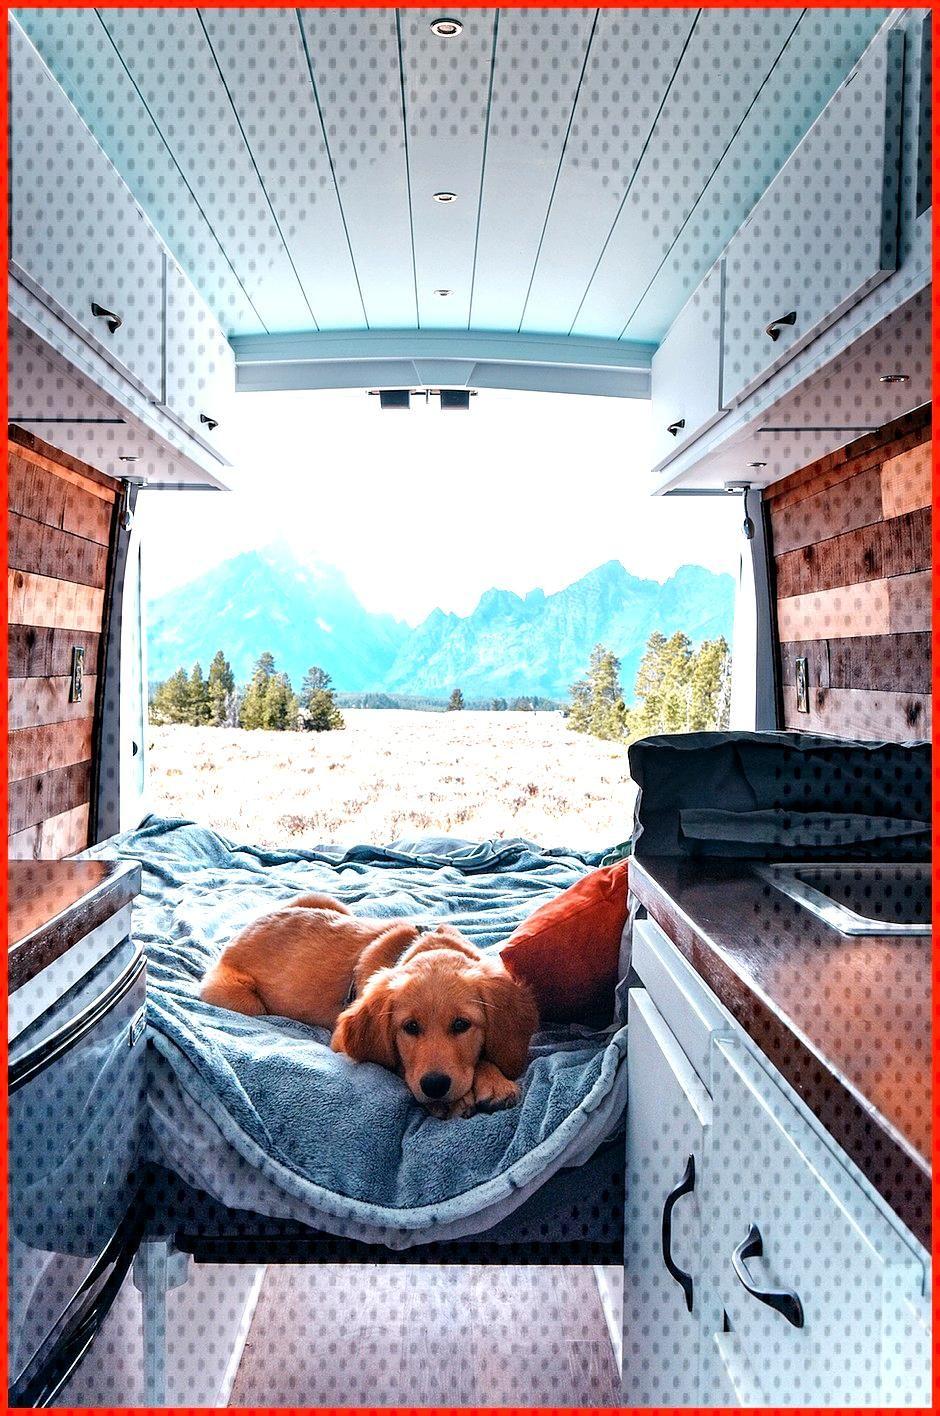 10 Amazing School Bus Campers Brilliant 10 Amazing School Bus Campers www camperlife co  The very l